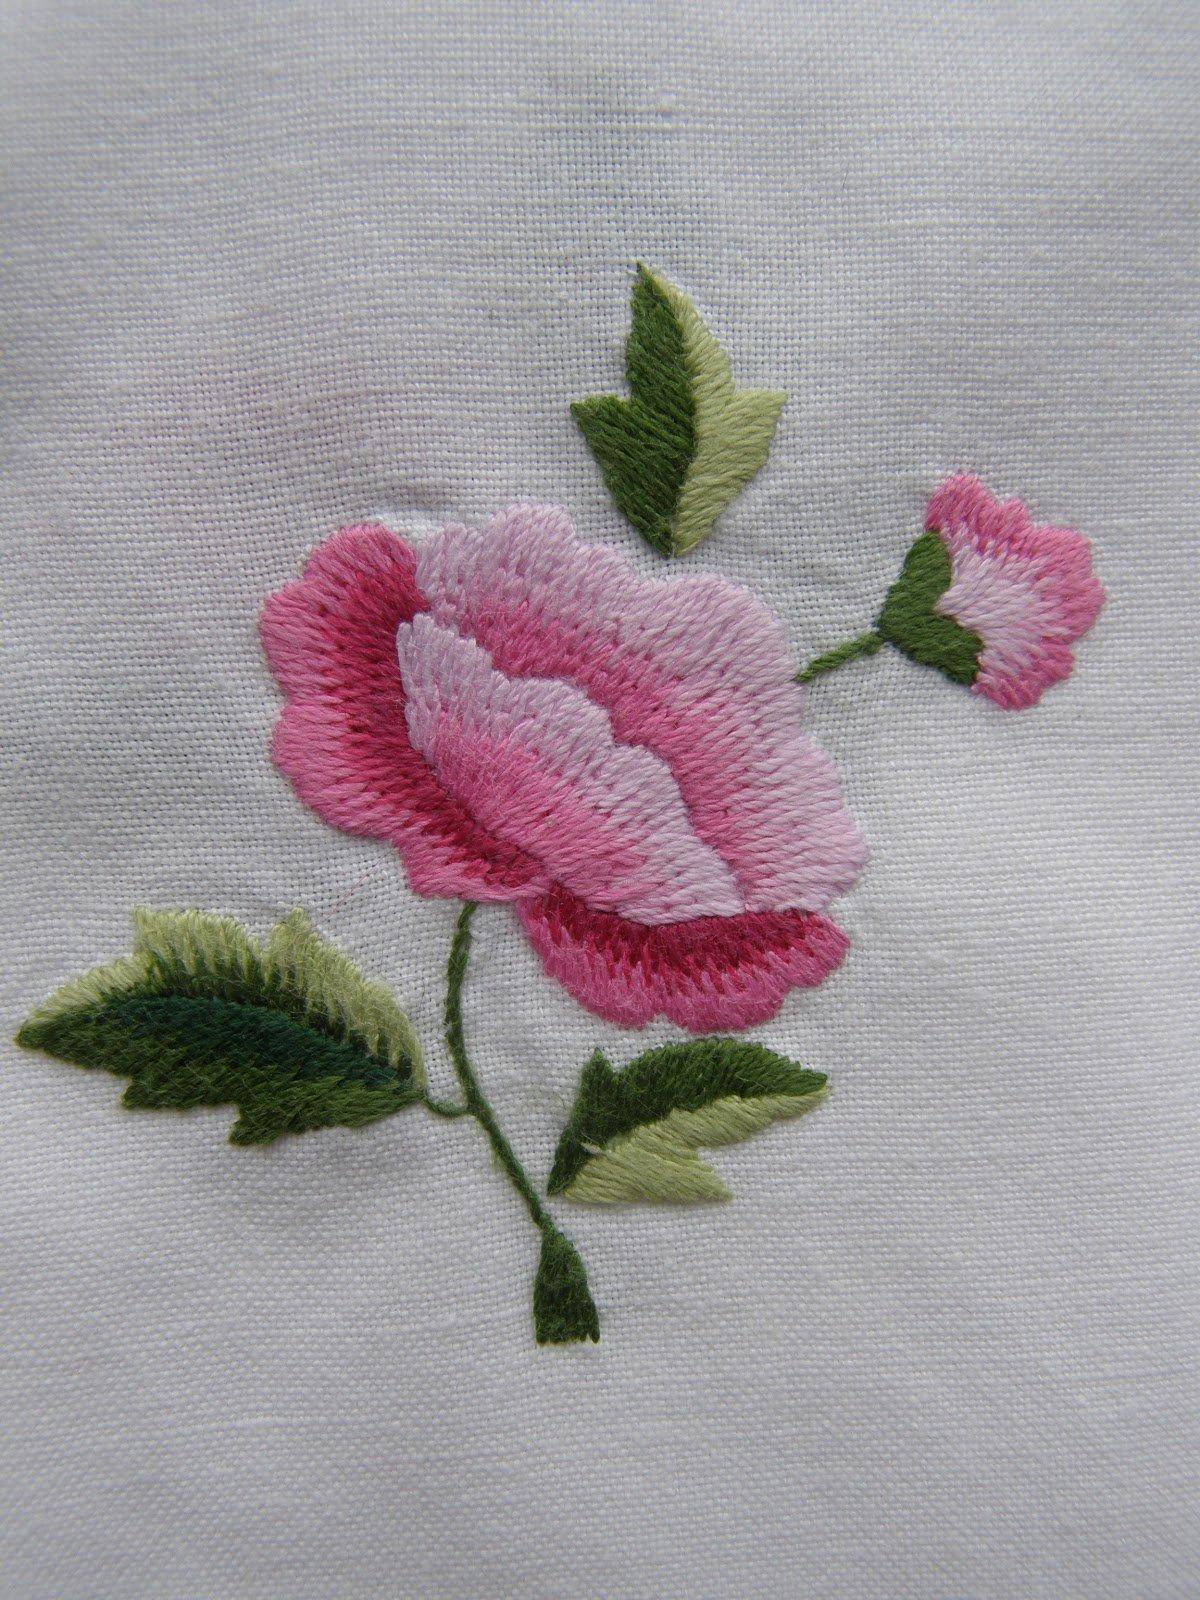 Троне картинки, картинки вышитые гладью цветы